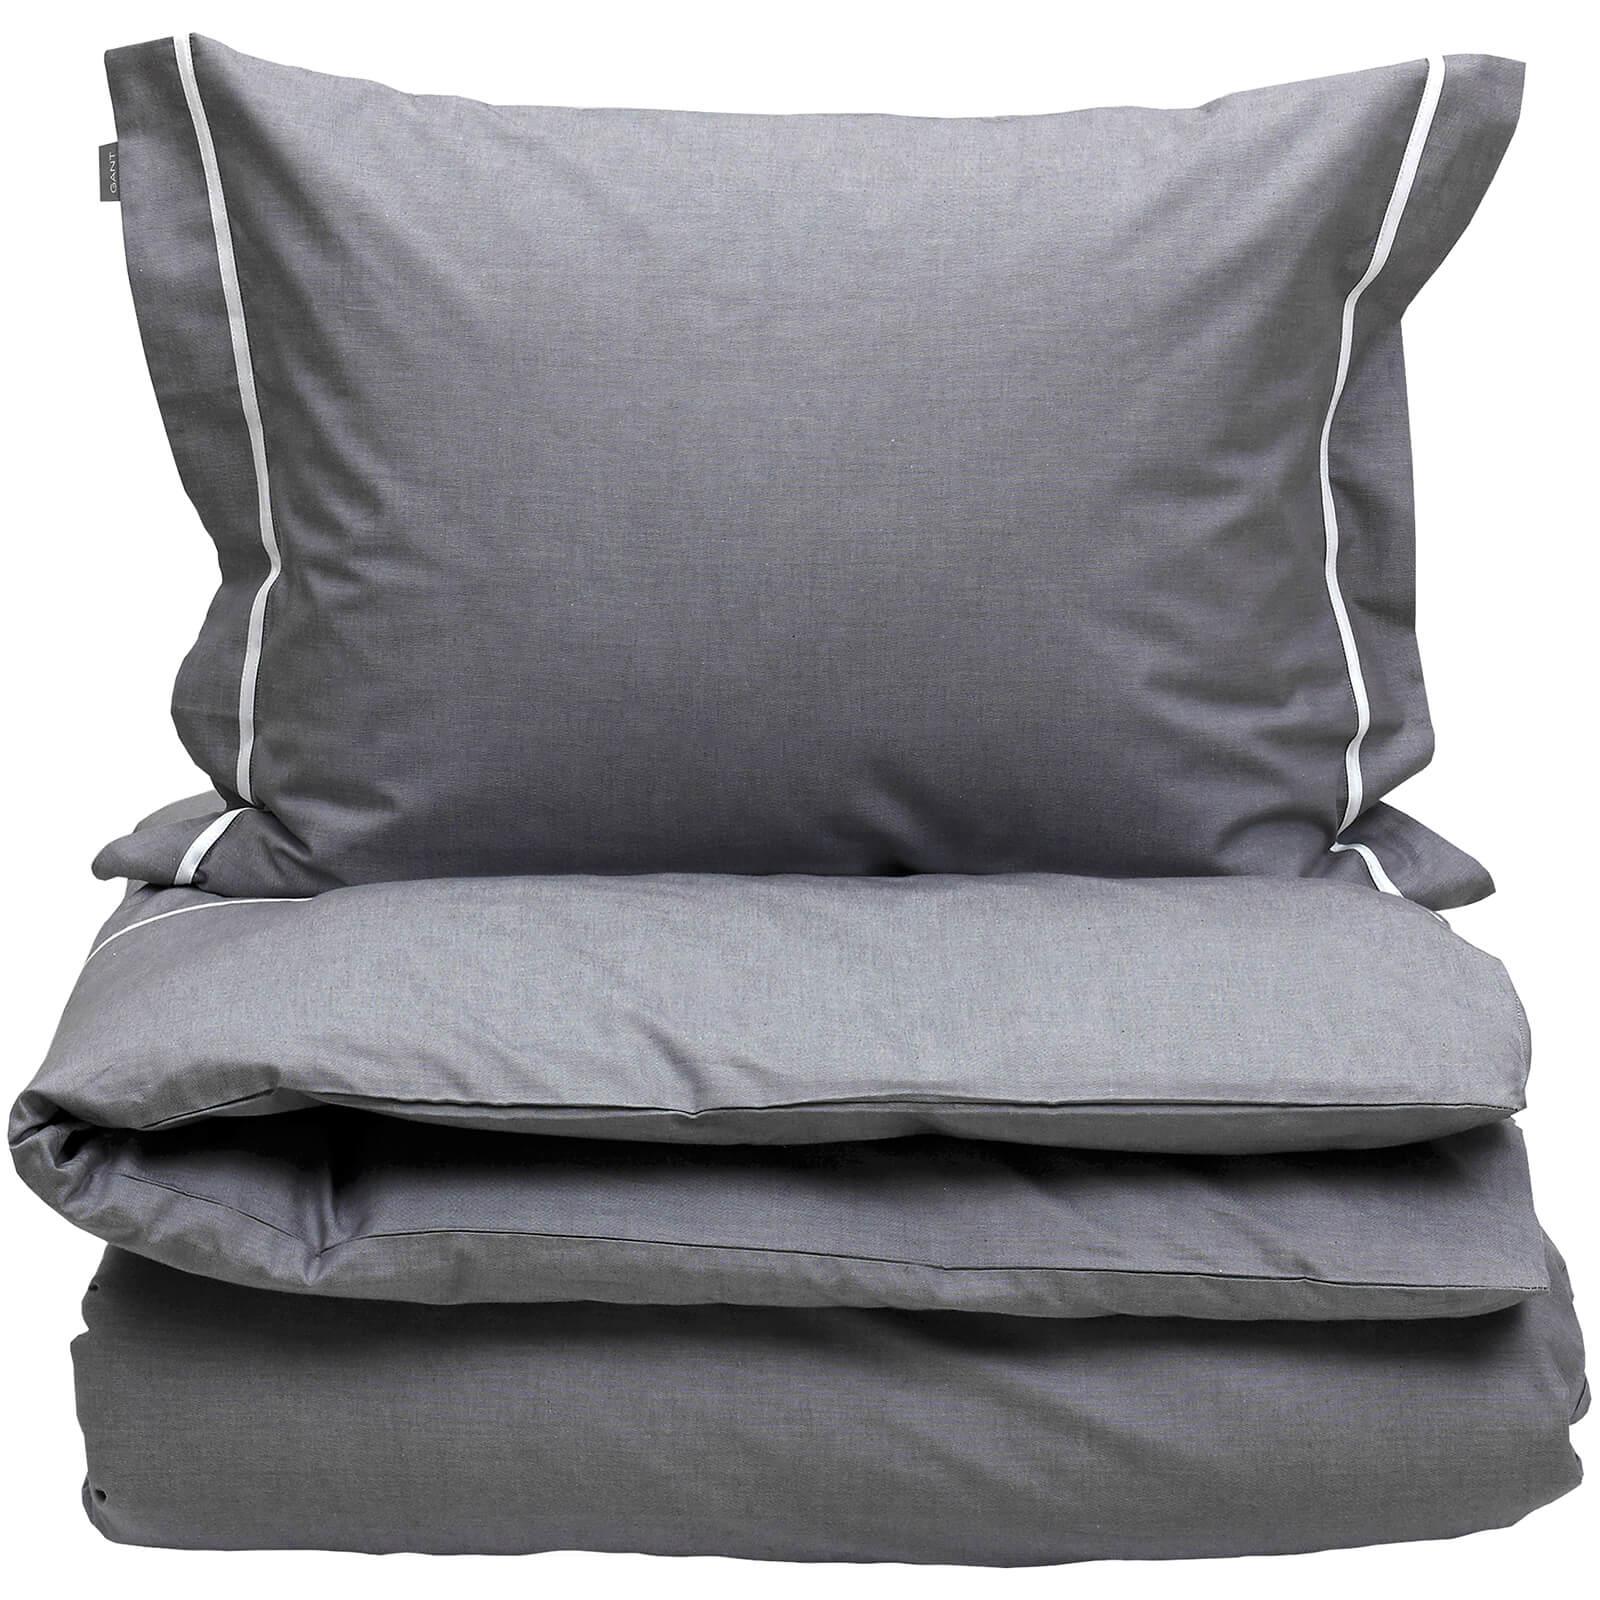 GANT Home New Oxford Duvet Cover - Double - 200 x 200cm - White